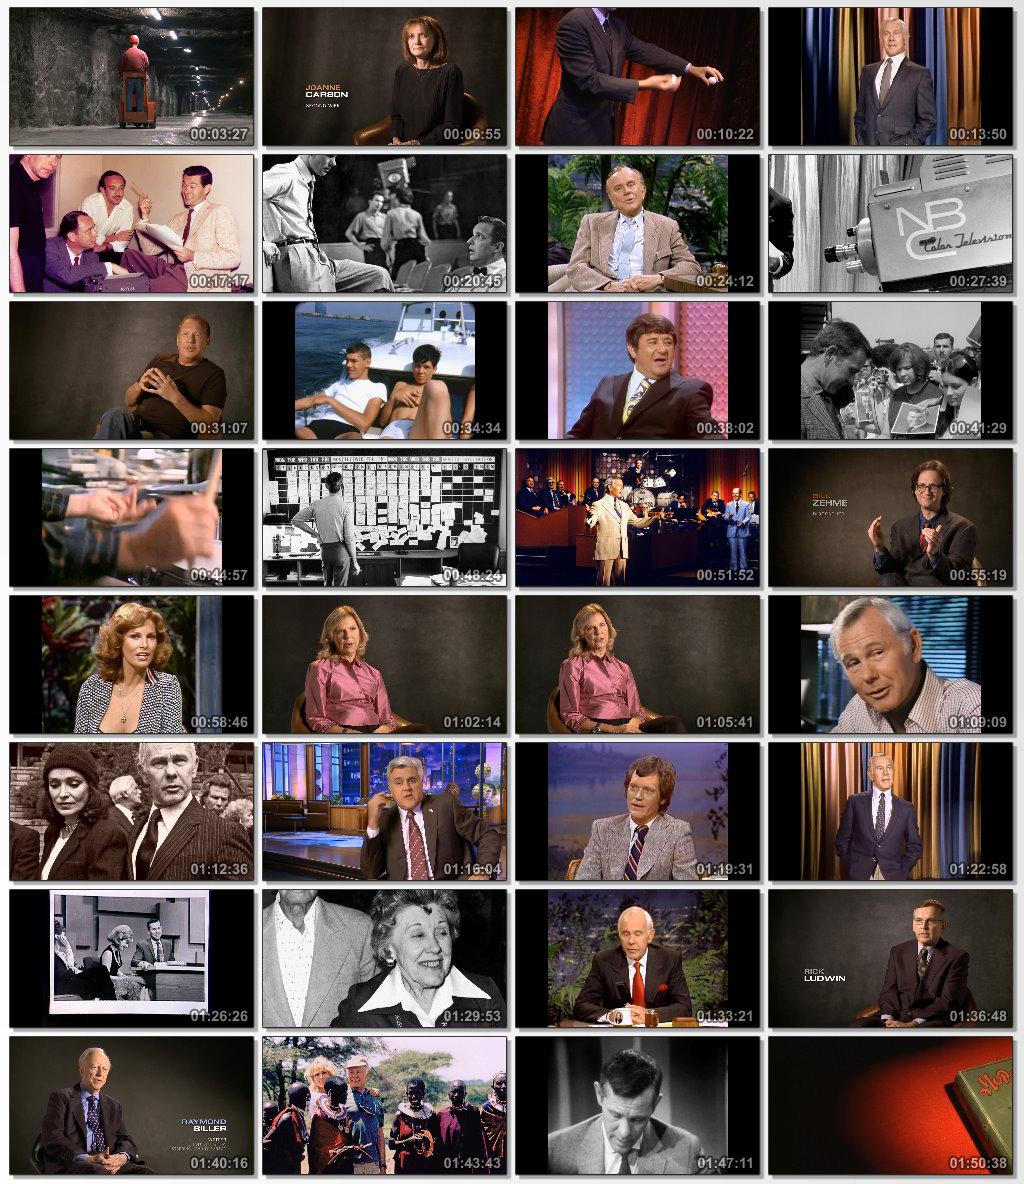 دانلود فیلم مستند Johnny Carson King of Late Night 2012